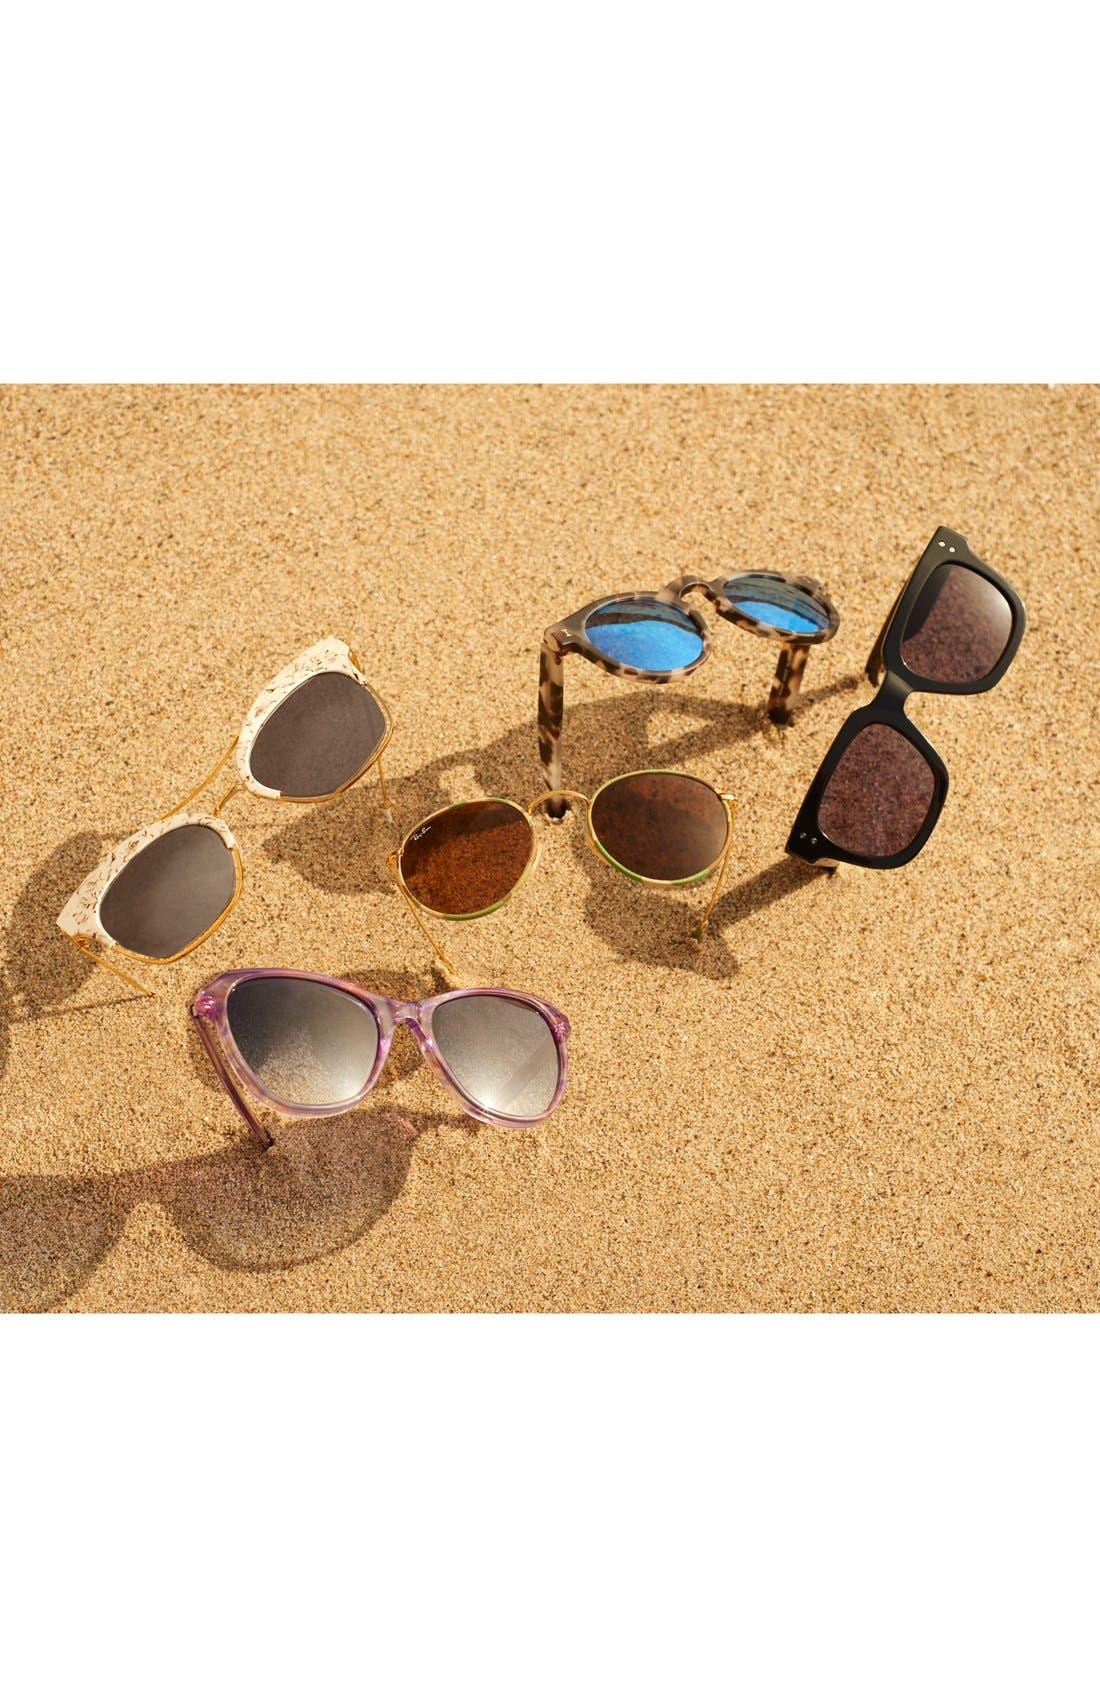 GENTLE MONSTER,                             54mm Cat Eye Sunglasses,                             Alternate thumbnail 2, color,                             001